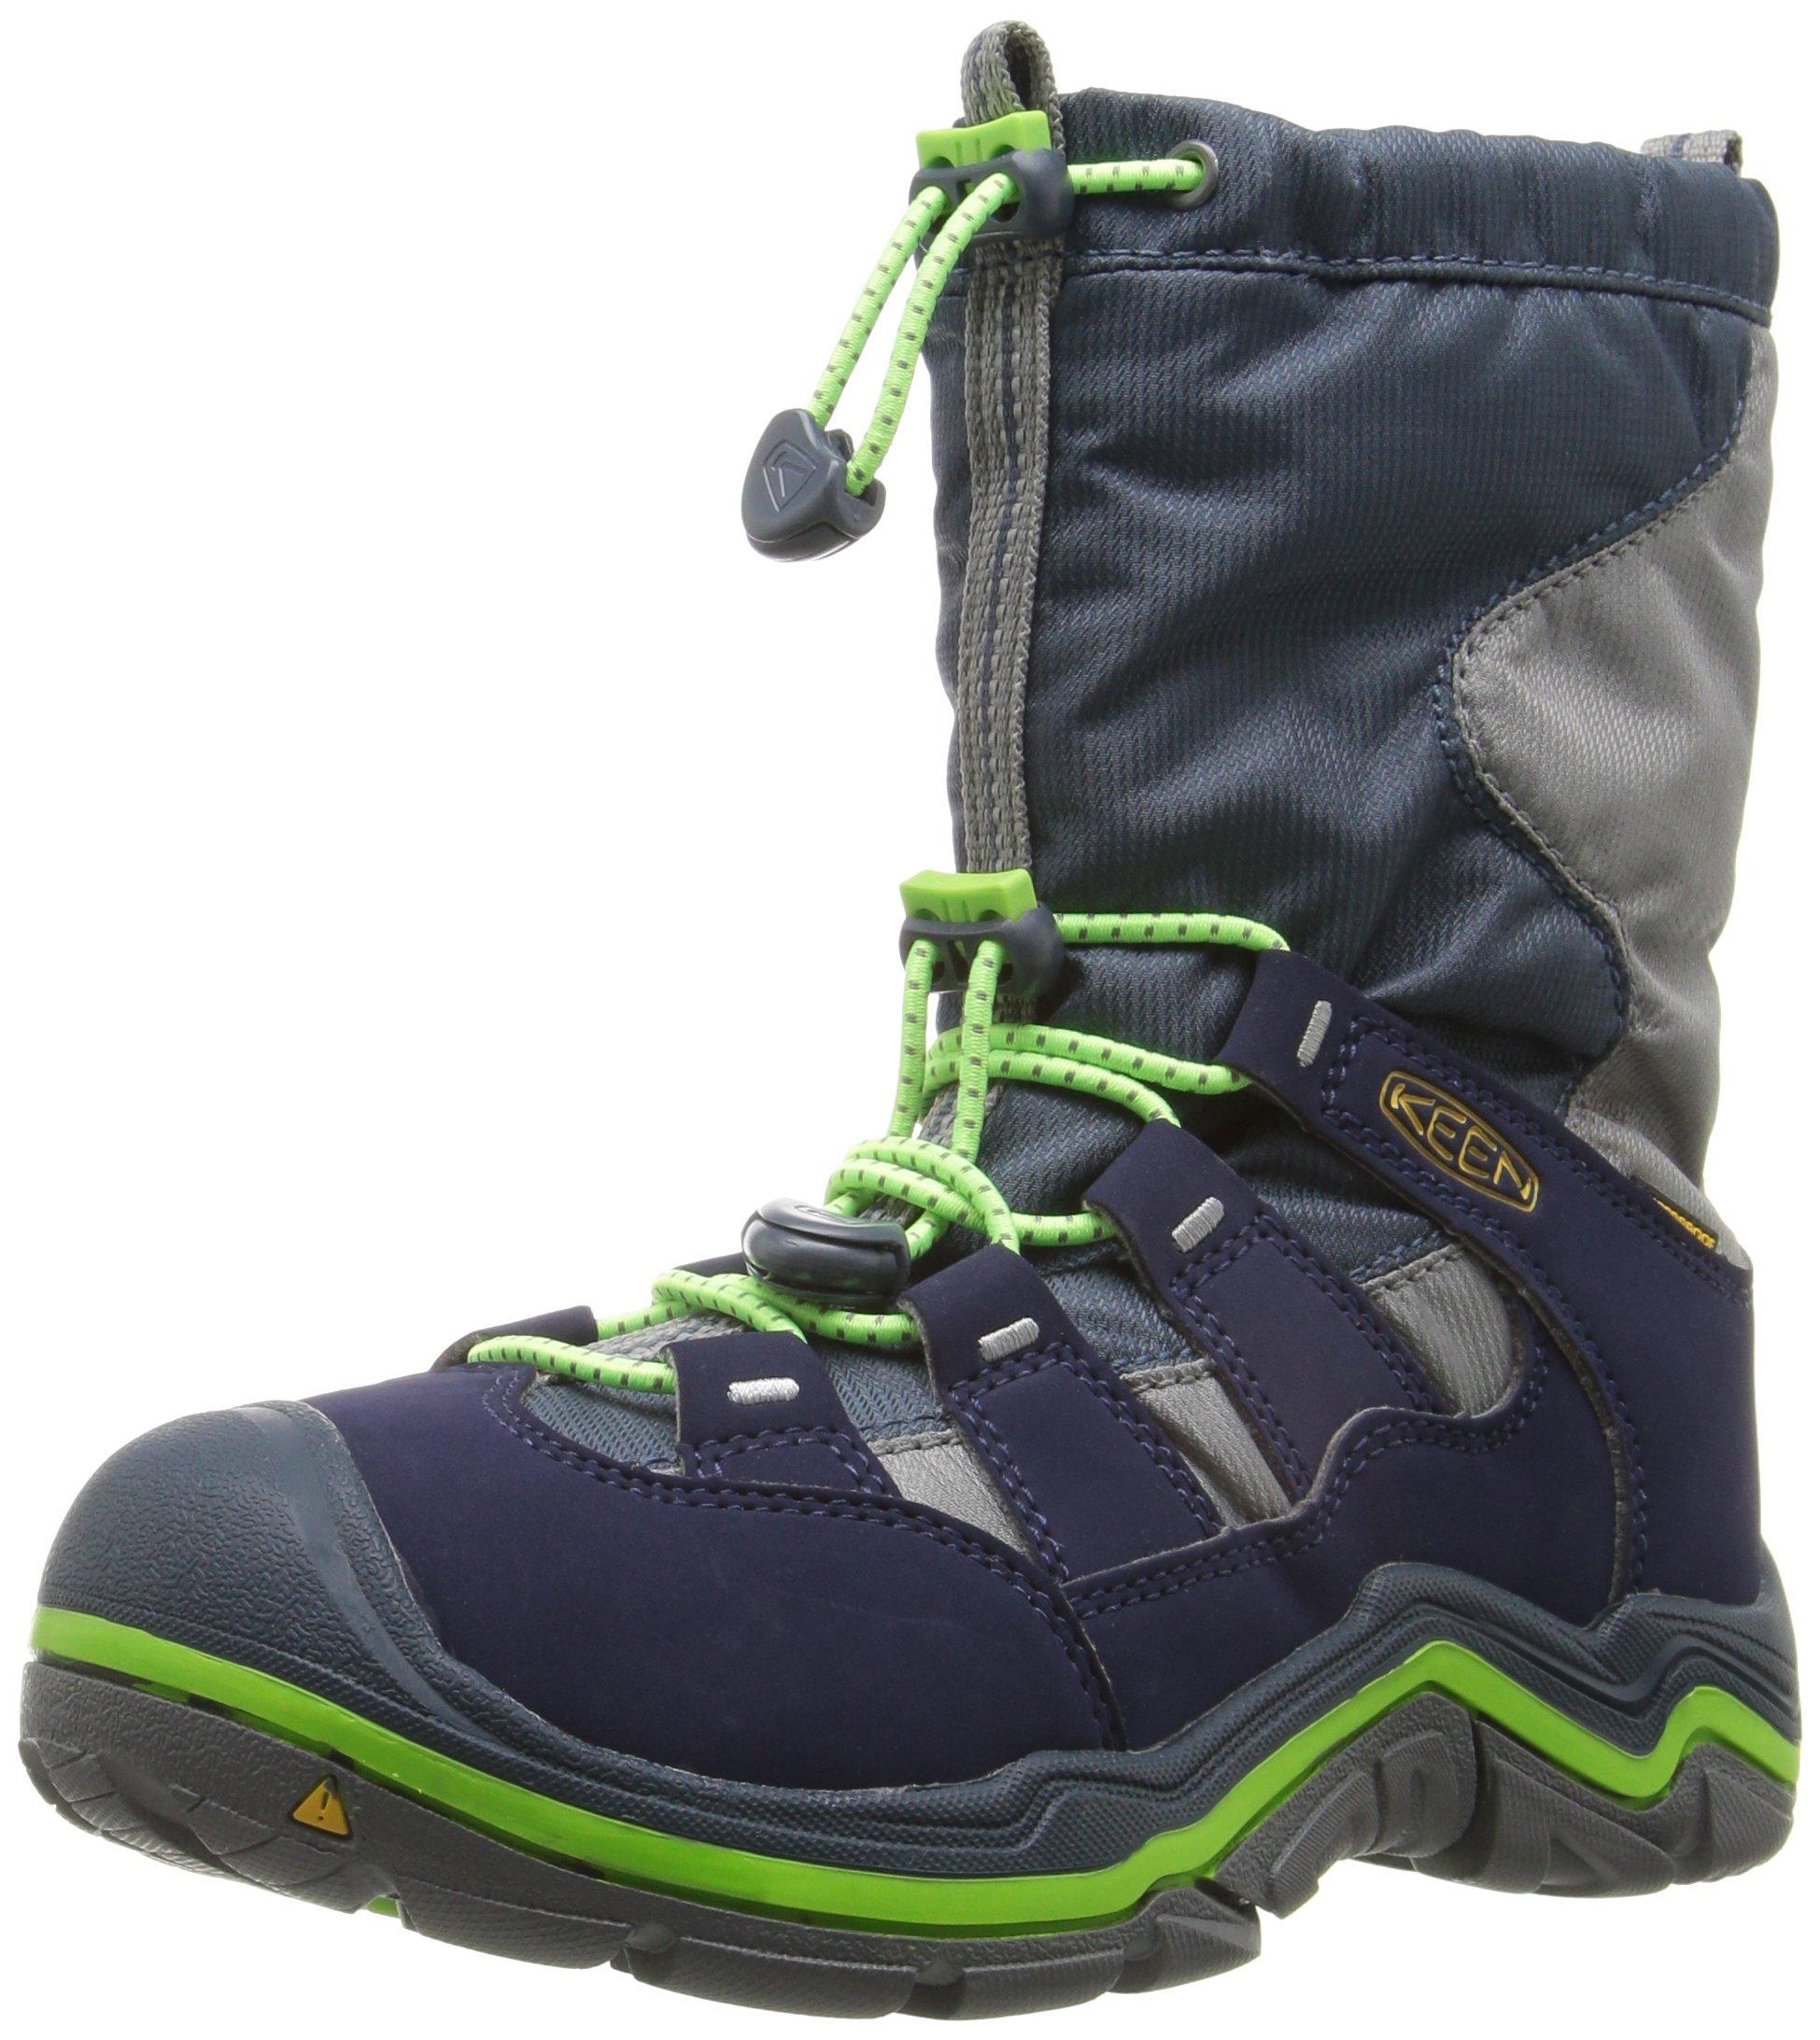 KEEN Kids' Winterport II WP Lace-up Boot, Midnight Navy/Jasmine Green, 2 M US Little Kid